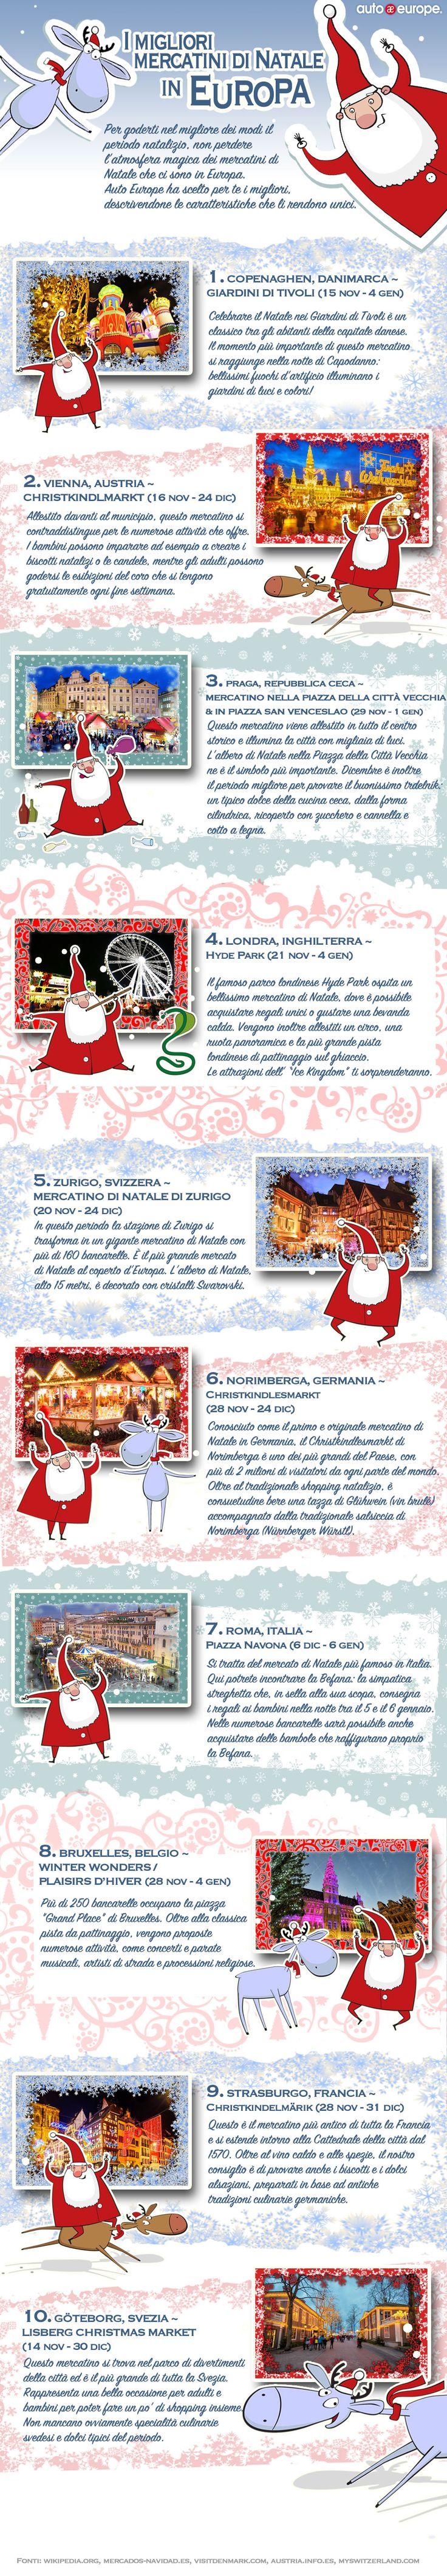 Infografica I migliori mercatini di Natale in Europa Consulta qui le altre infografiche di